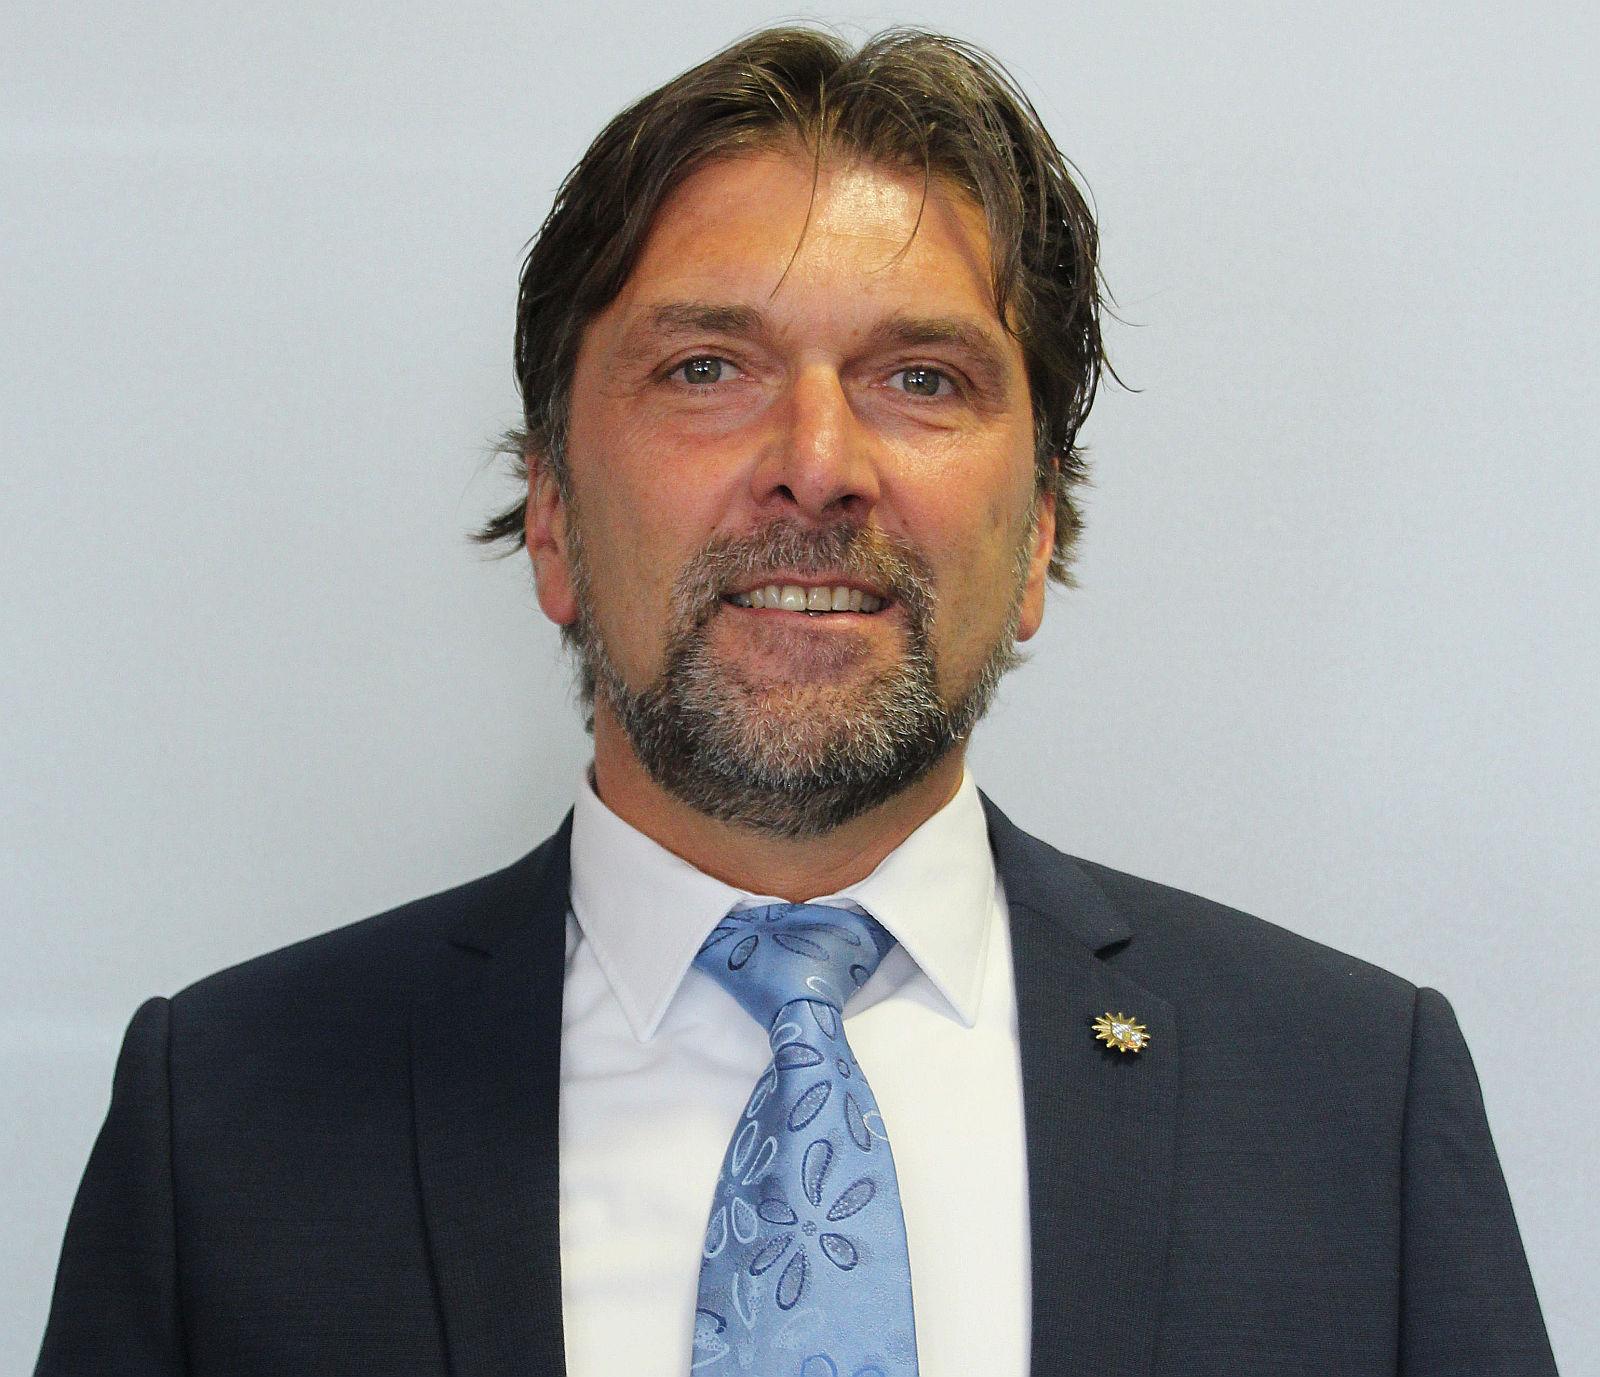 EKHK Peter Krämer, stellvertretender Leiter der Kripo Amberg Quelle: Polizeipräsidium Oberpfalz